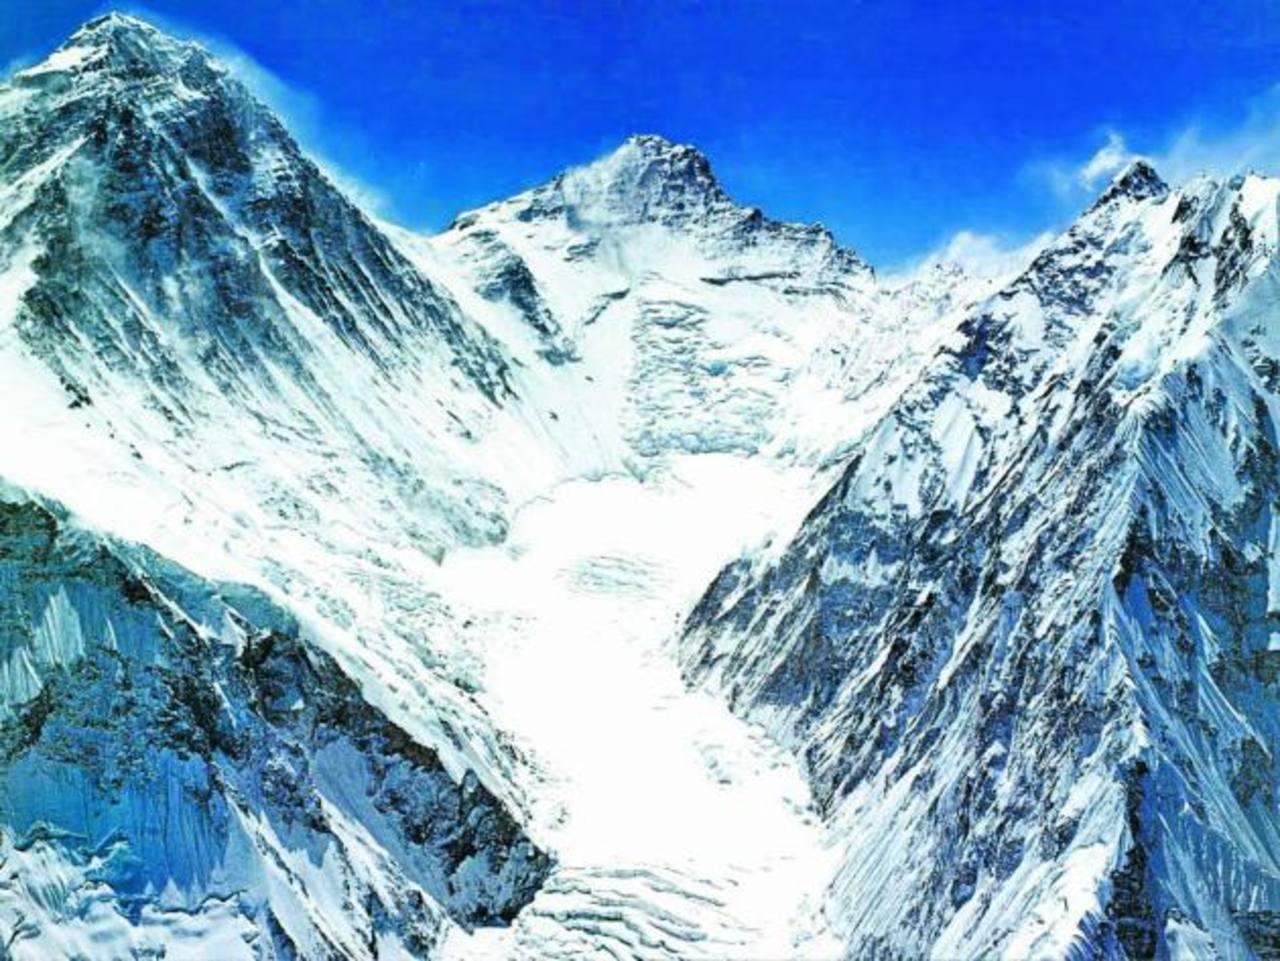 Min Sherchan ha escalado el monte Dhaulagiri, de 8,167 metros.El Monte Everest está ubicado en el Himalaya y tiene una altura de 8,848 metros sobre el nivel del mar. Escalarlo es el sueño de muchos. foto edh